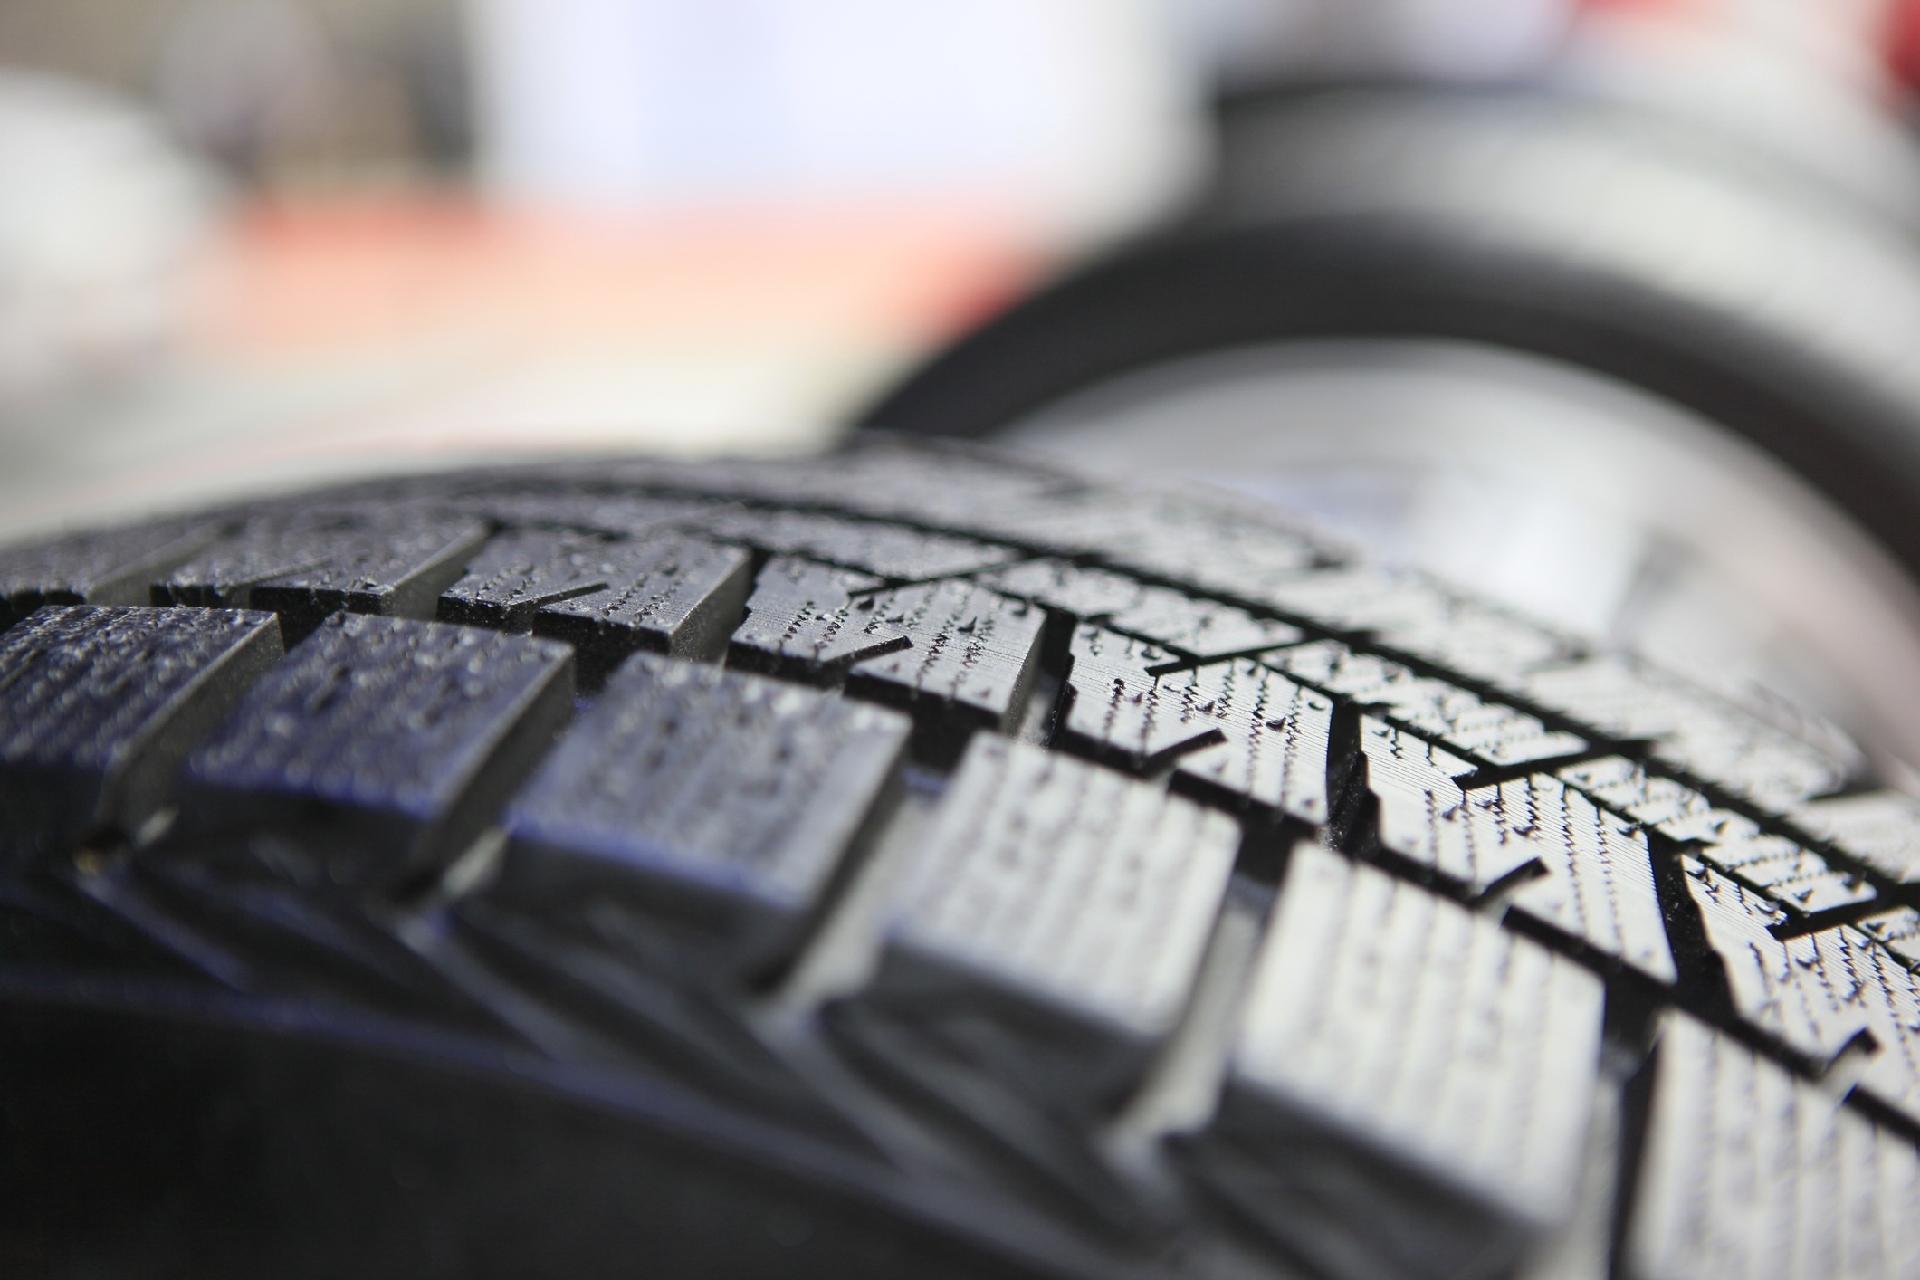 43a6d61002f Aprenda a decifrar os códigos do pneu e saiba quando é a hora de trocar